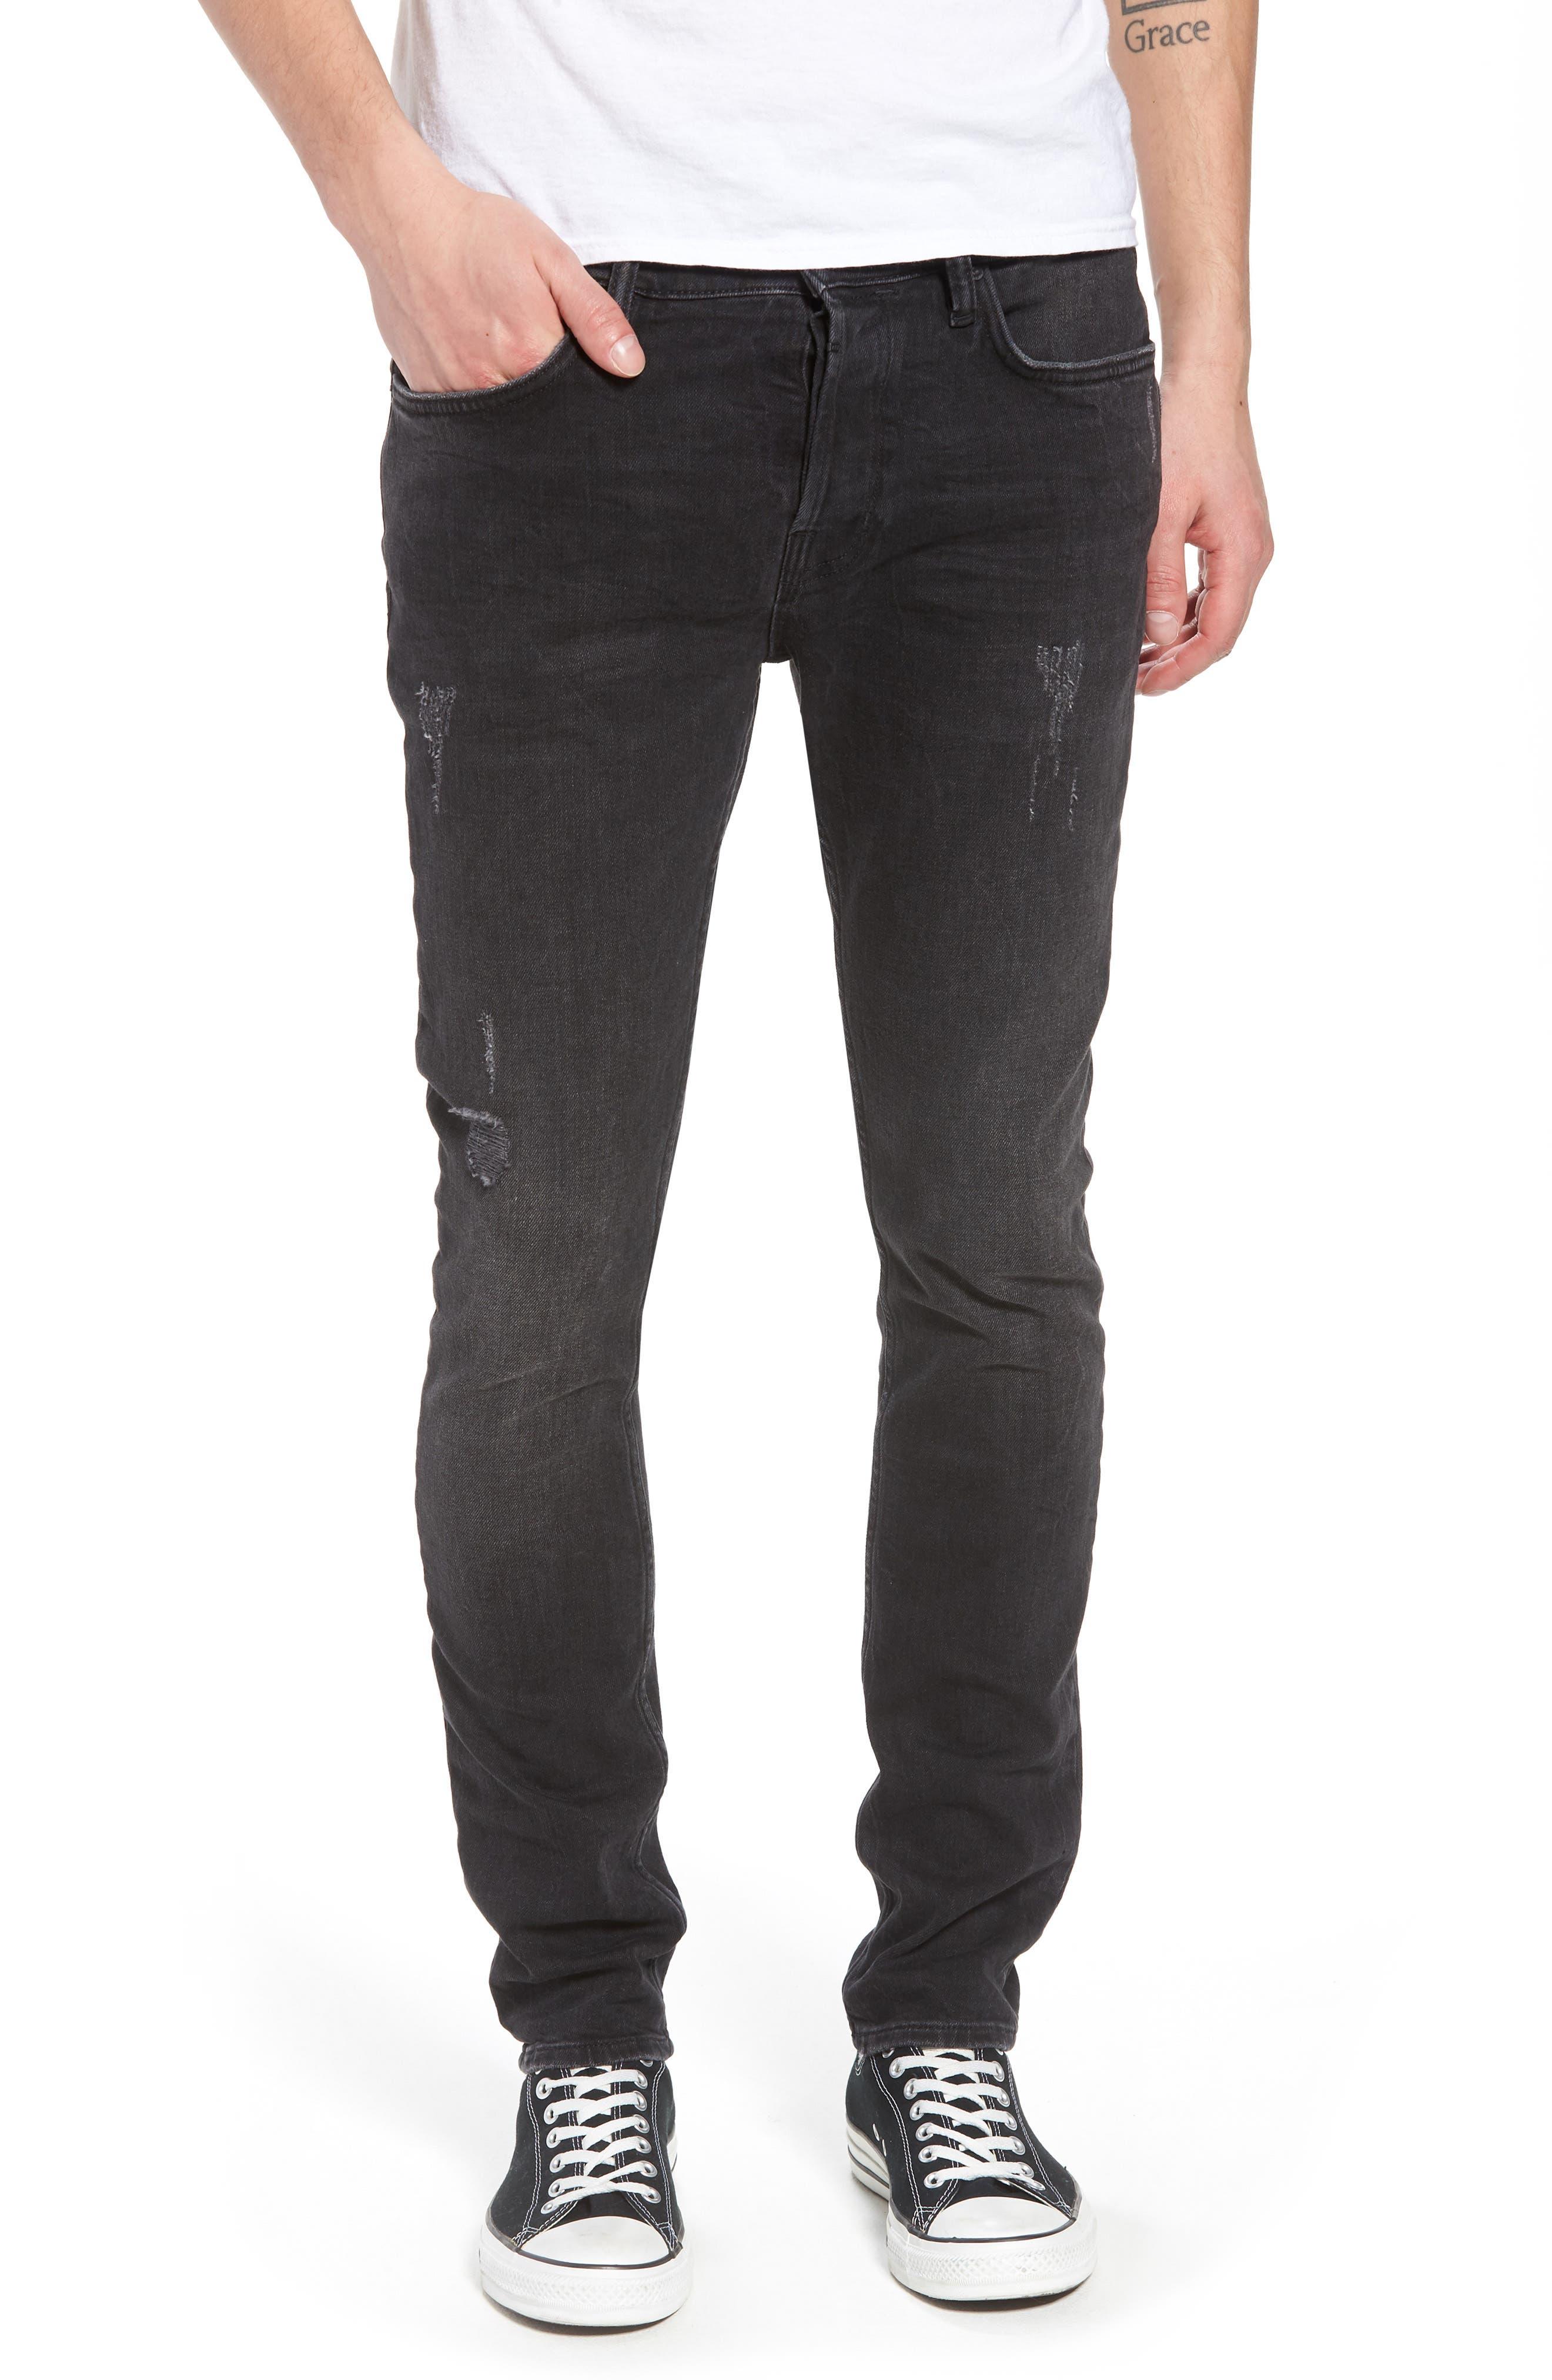 Raveline Skinny Fit Jeans,                         Main,                         color, Black